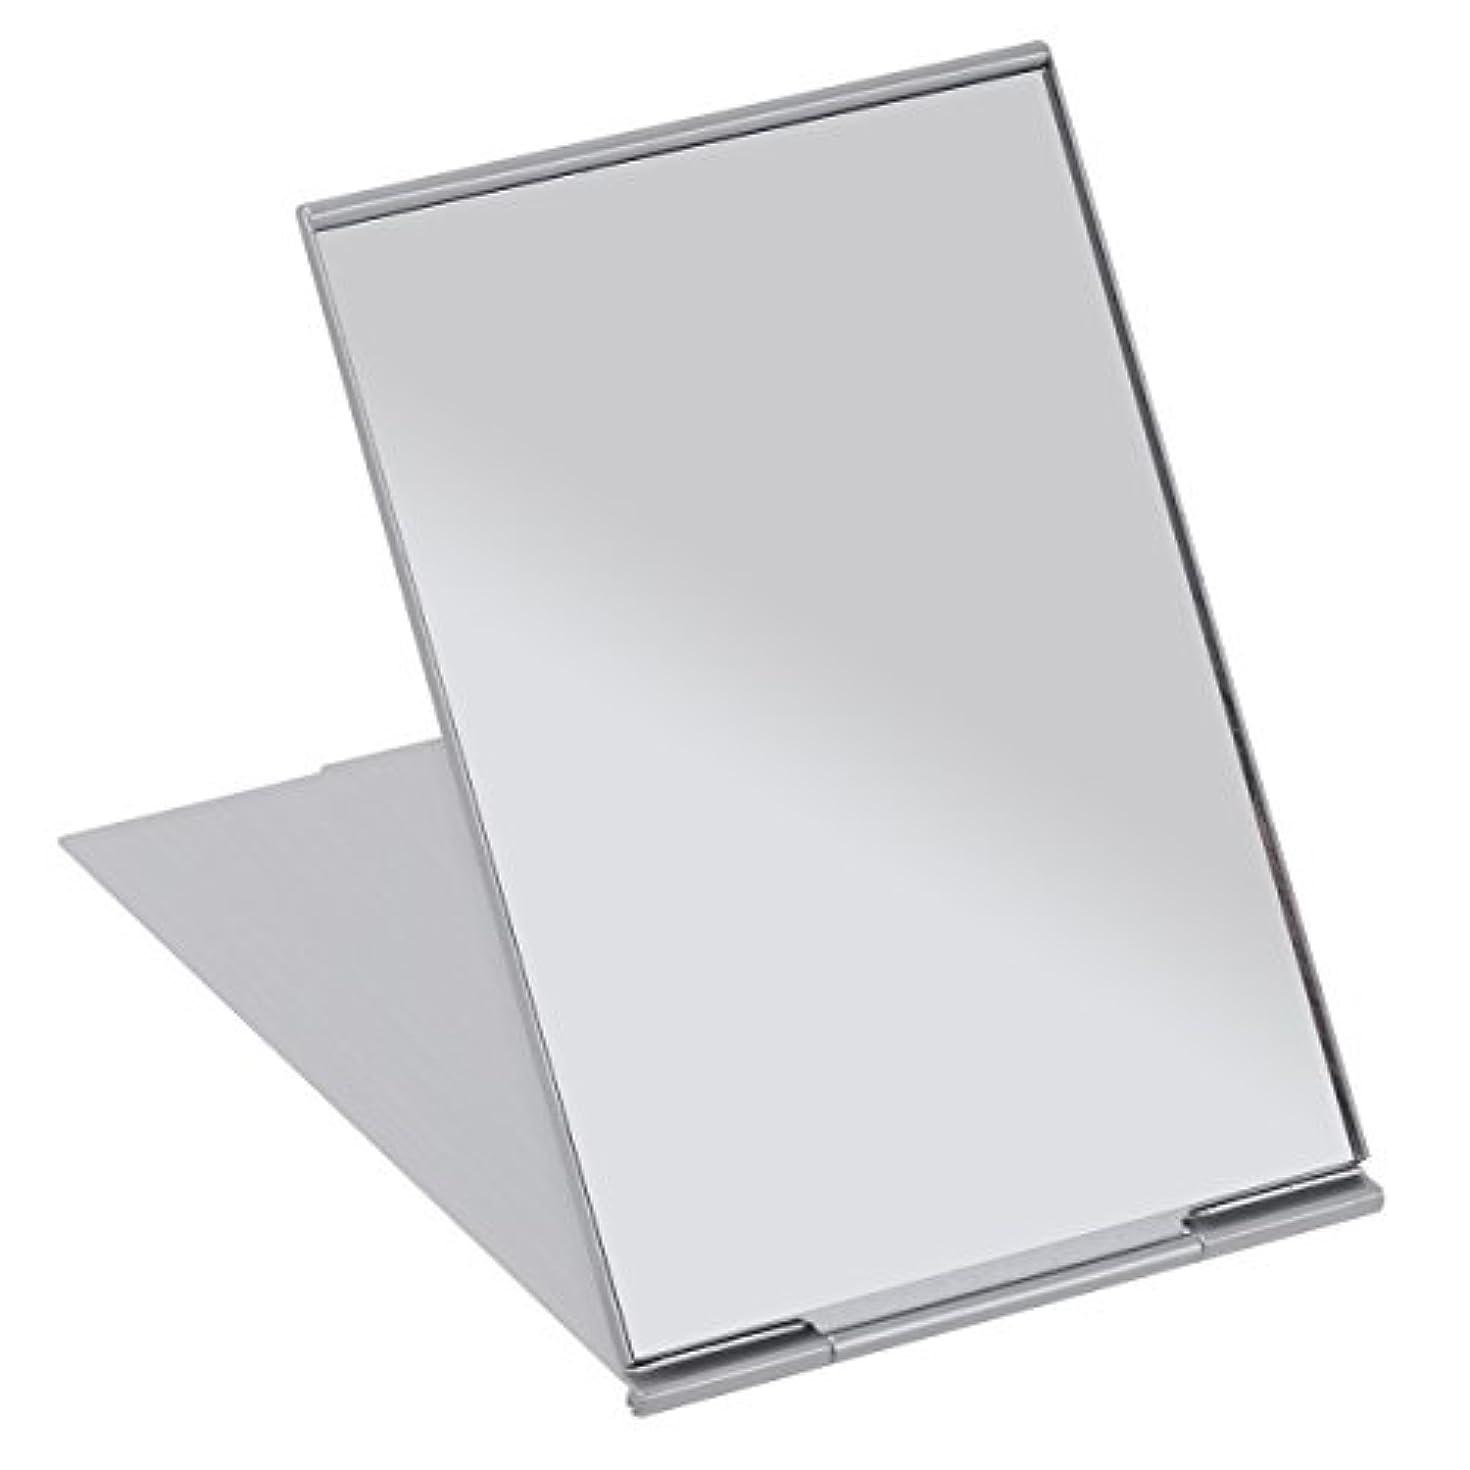 チーズハウジングエレガントFRCOLOR 化粧鏡 携帯ミラー 折りたたみミラー 化粧ミラー コンパクトミラー 11.5*8cm 持ち運びに便利 (シルバー)